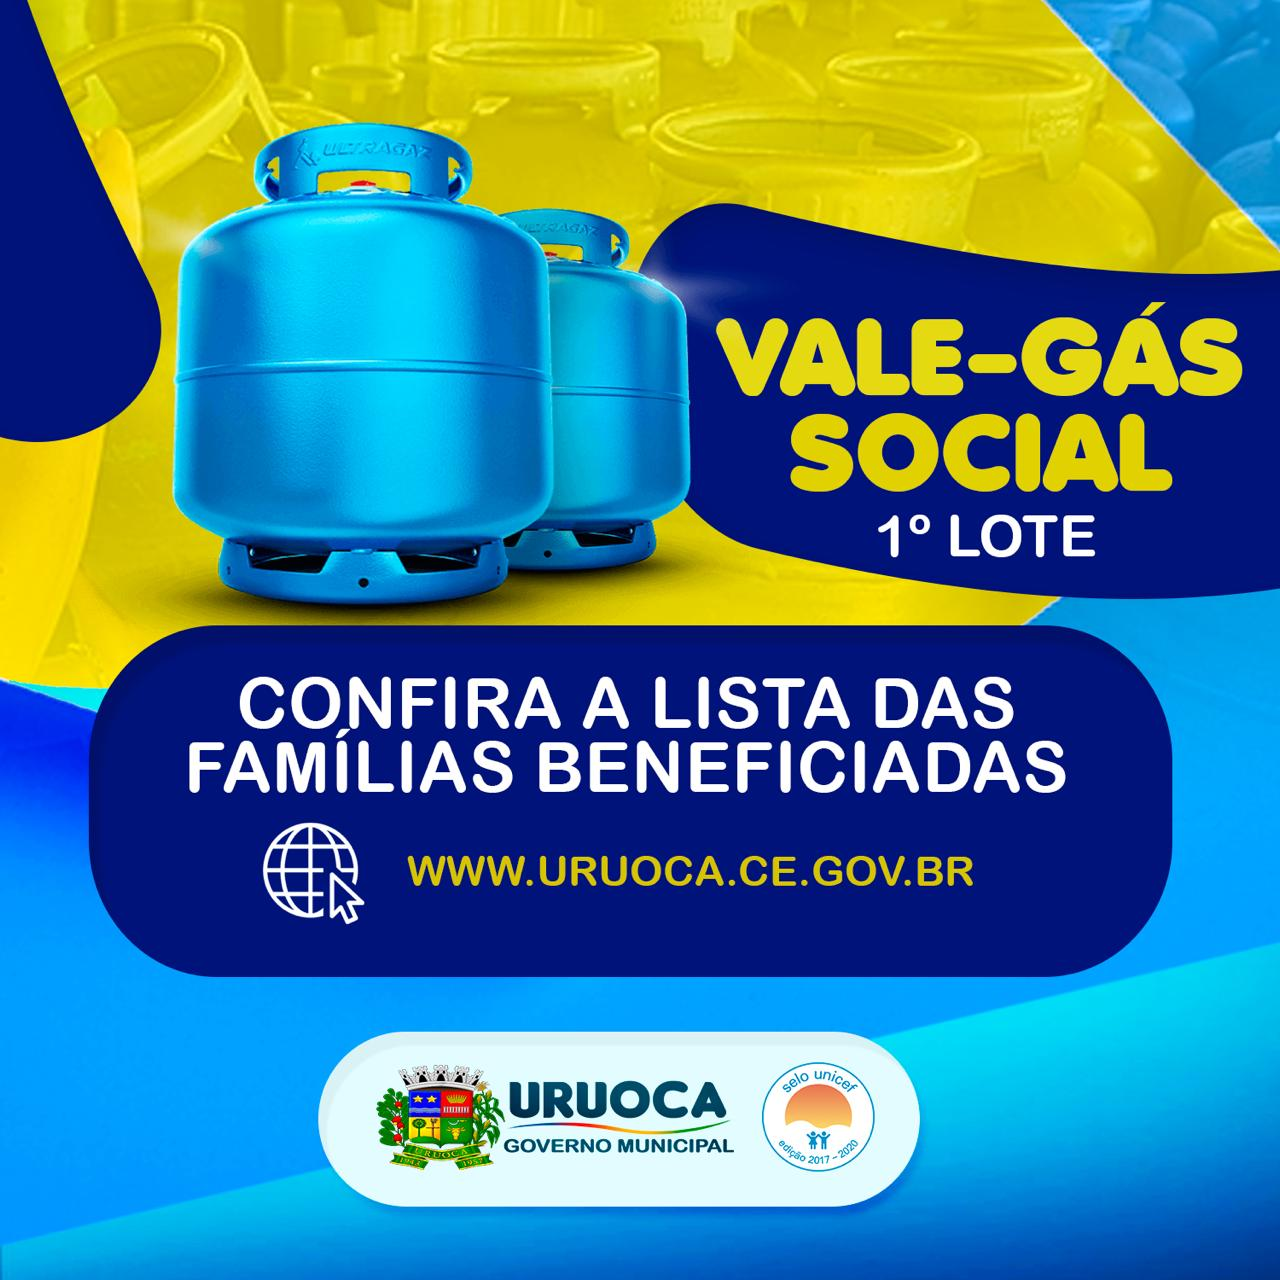 CONHEÇA AS FAMÍLIAS BENEFICIADAS COM O PROGRAMA VALE GÁS SOCIAL EM URUOCA